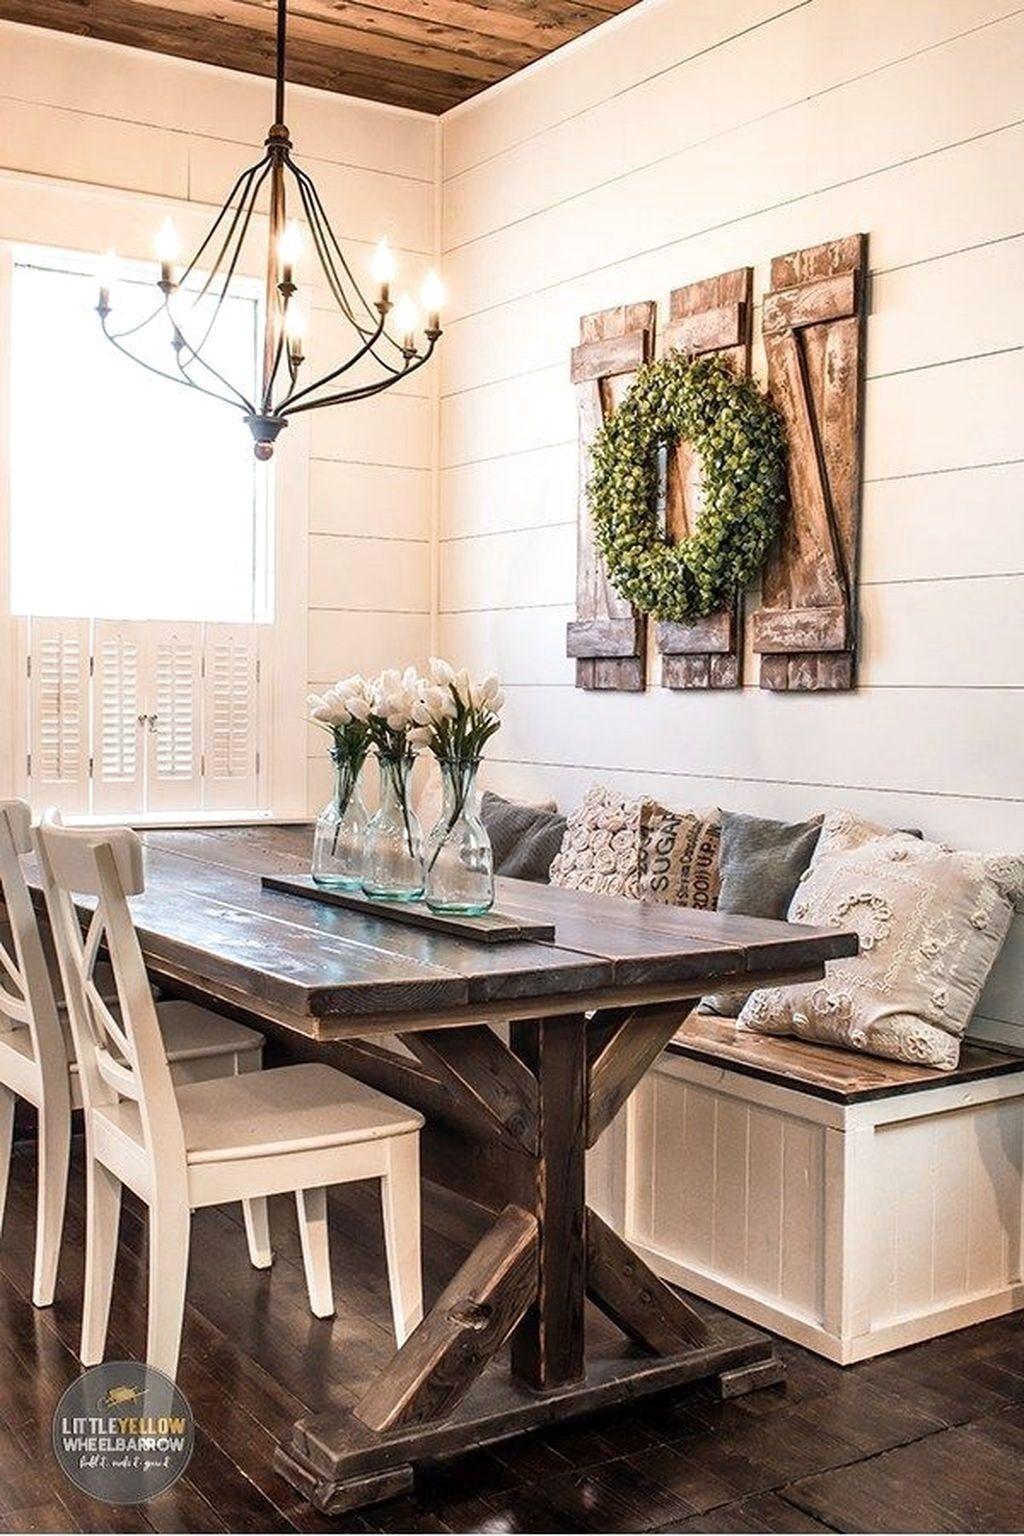 Popular Farmhouse Home Decor Ideas To Copy Asap 45